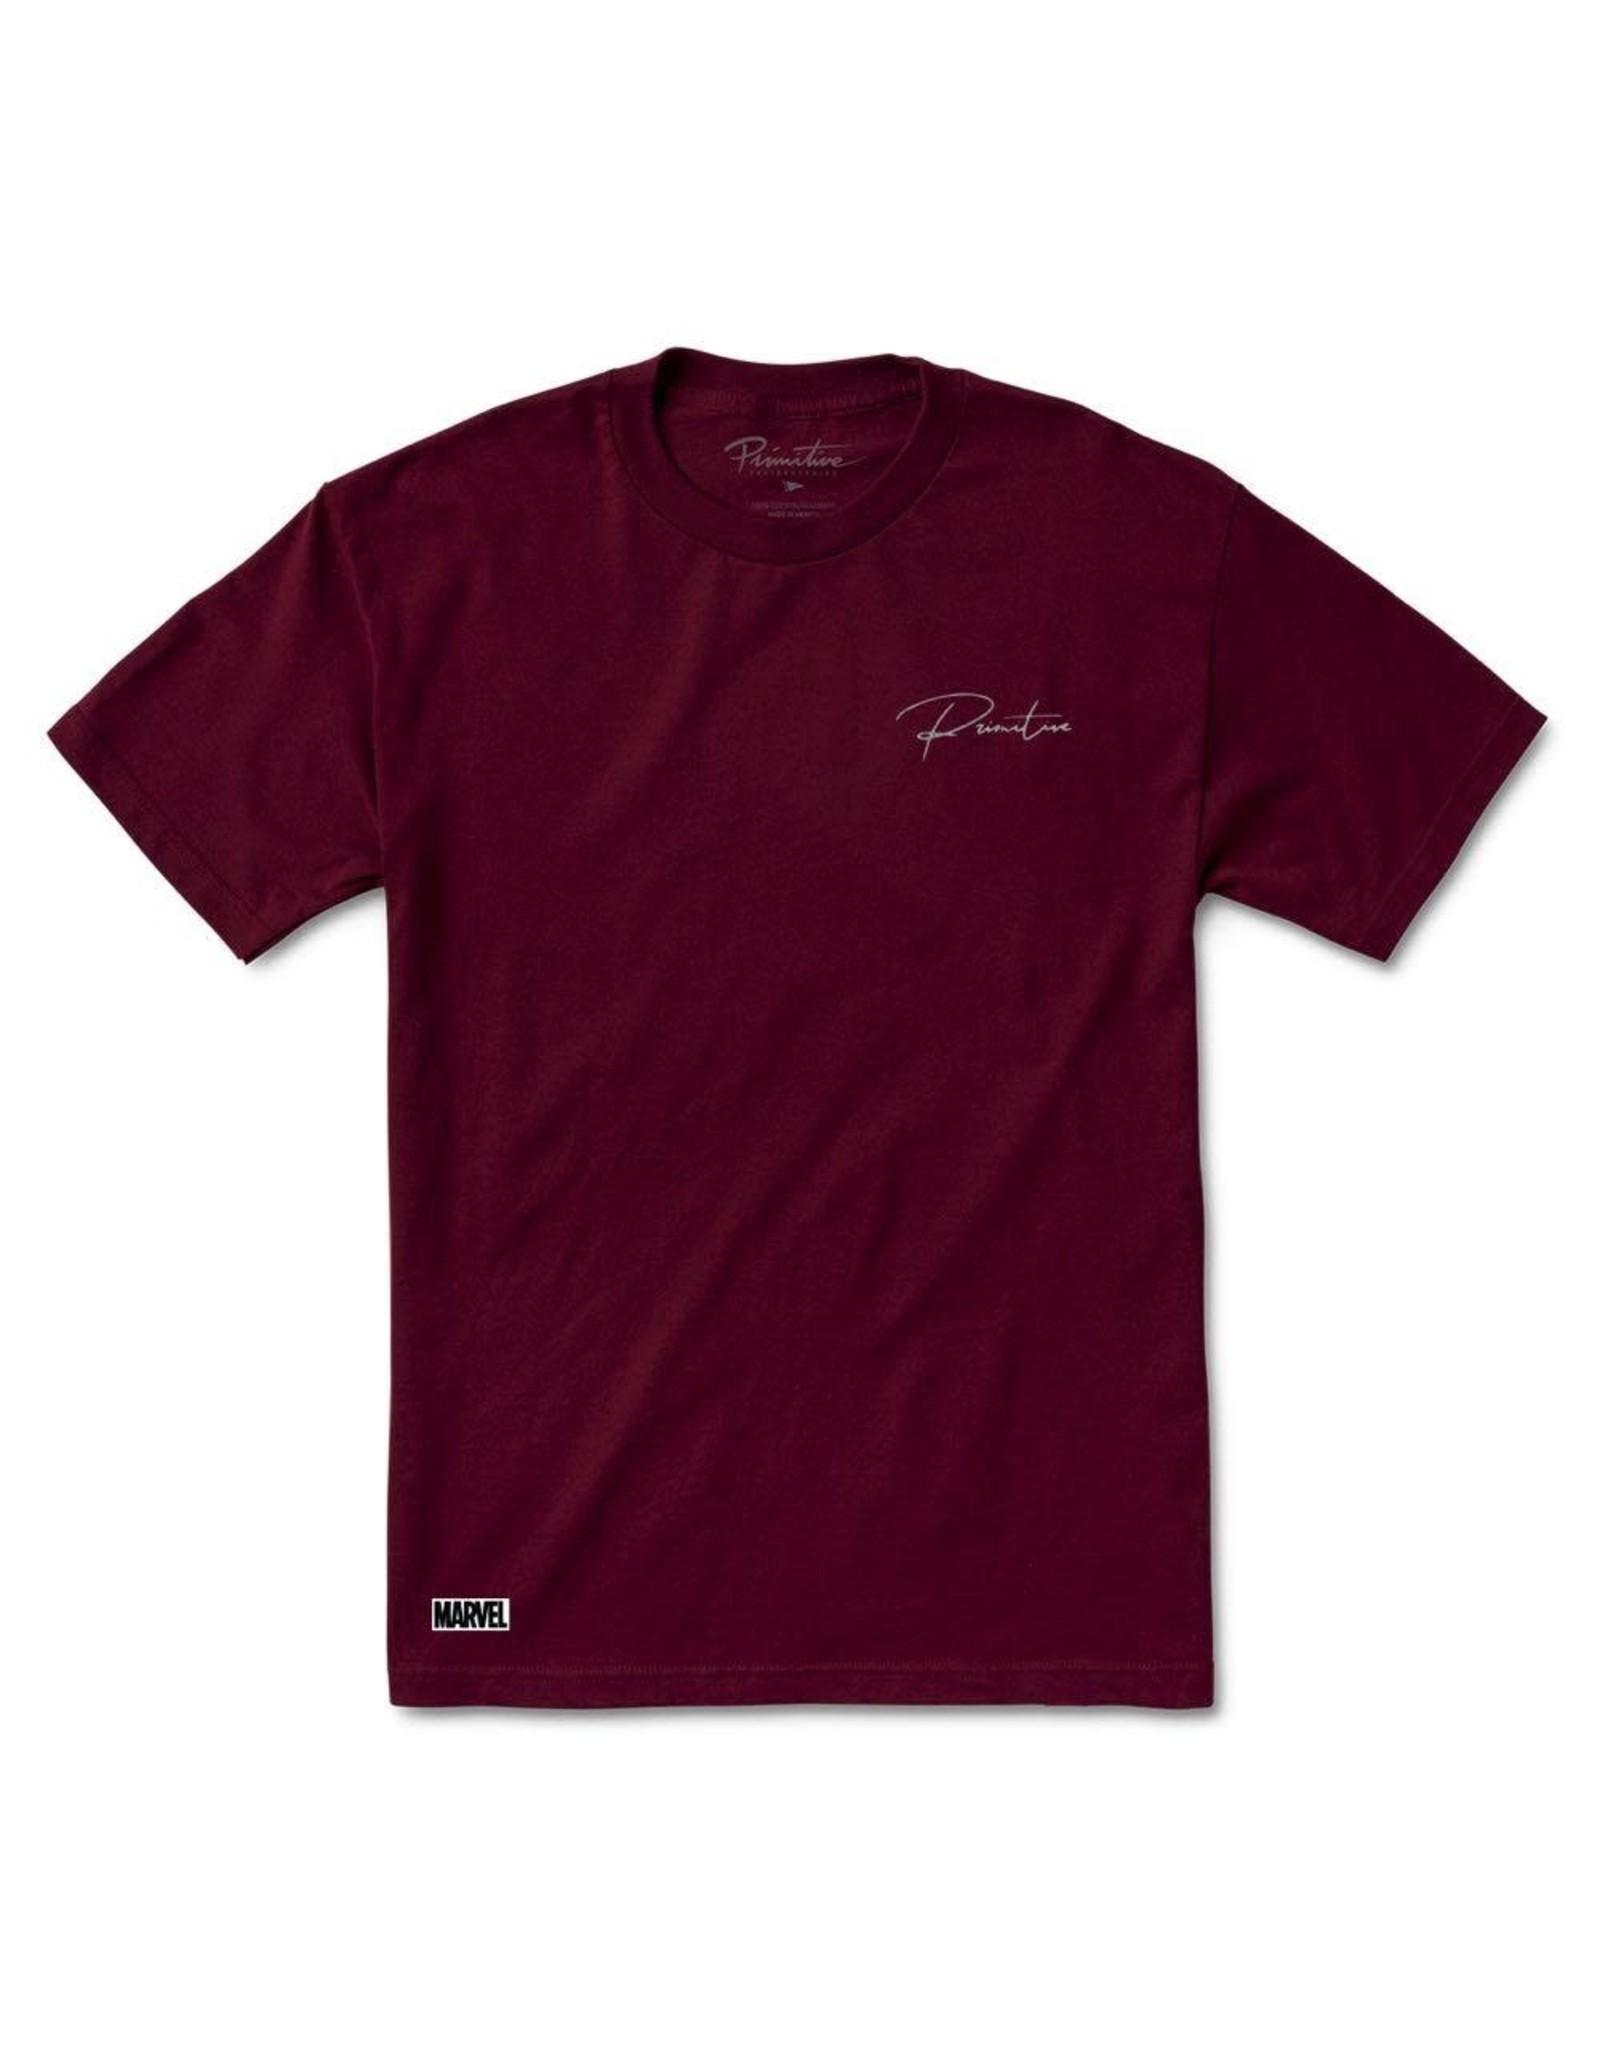 primitive Primitive - T-shirt homme marvel wolverine burgundy